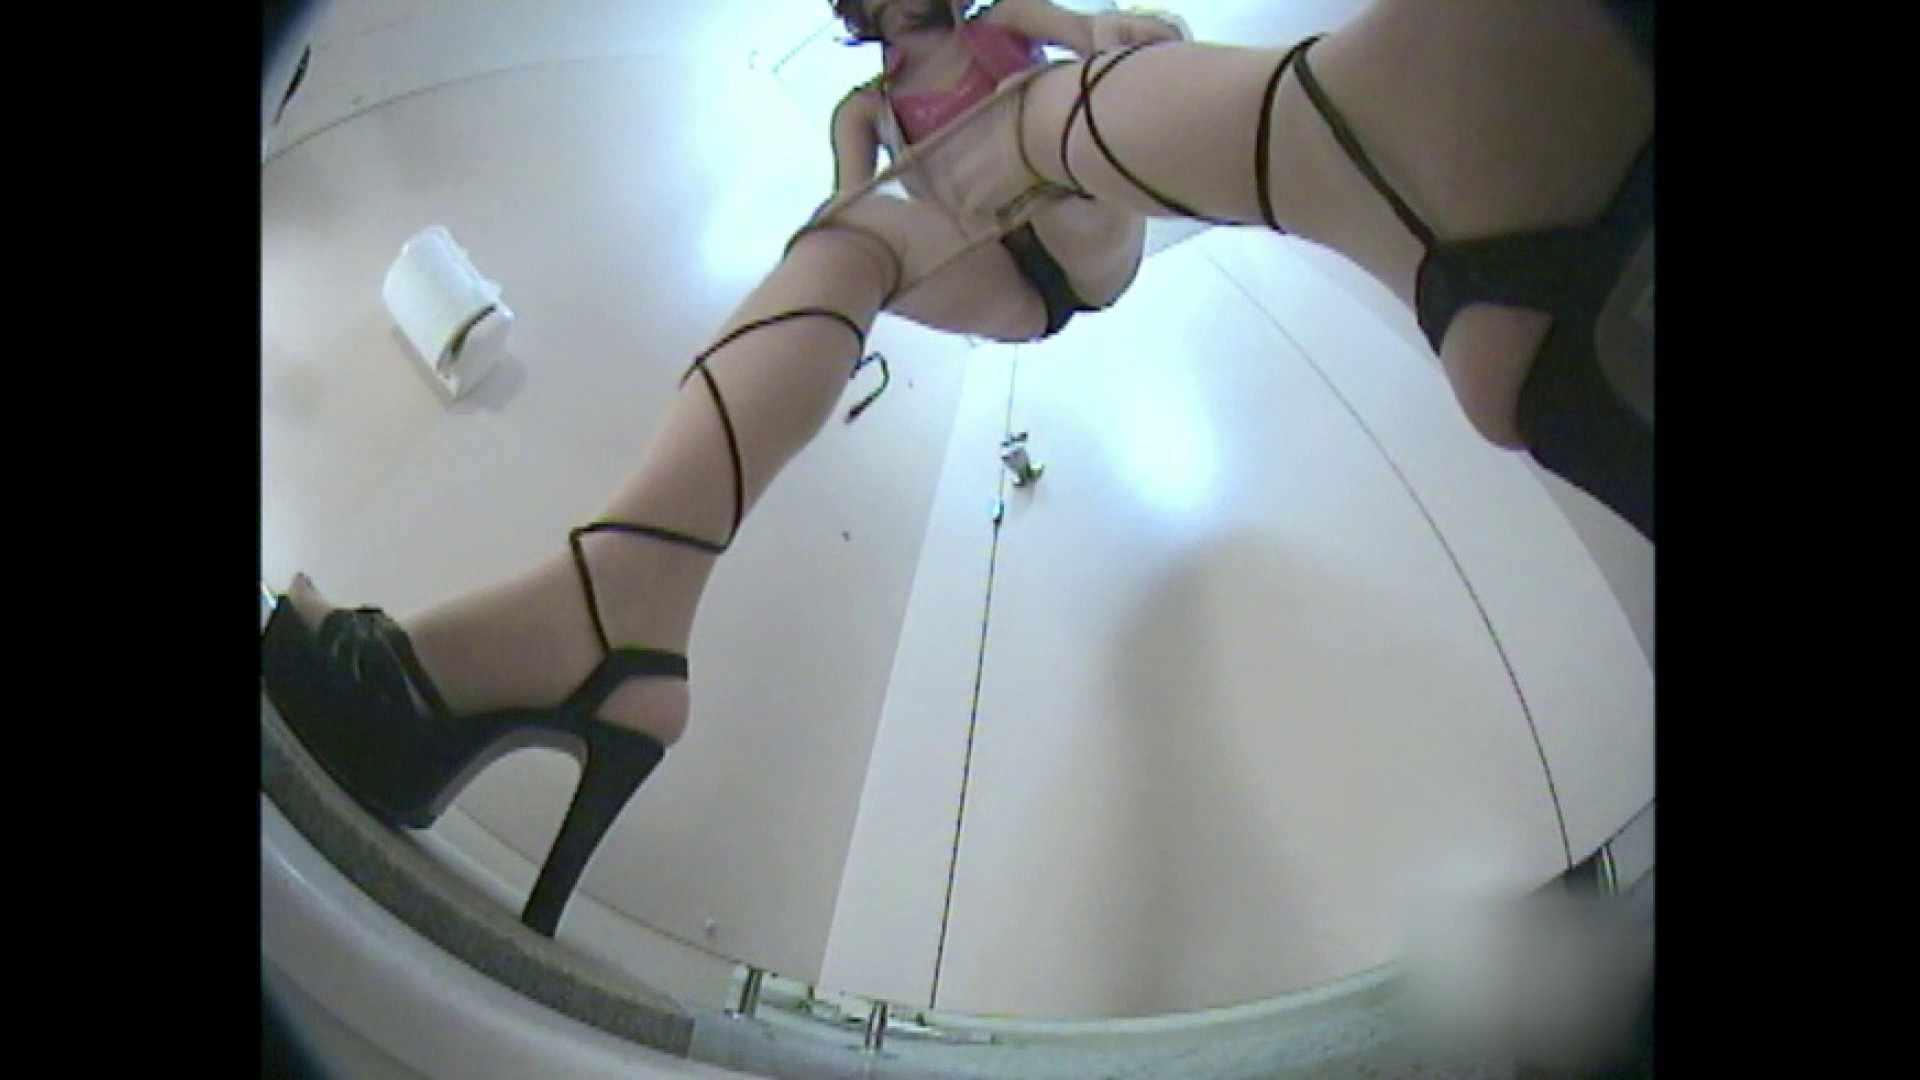 レースクィーントイレ盗撮!Vol.03 OLのエロ生活   便器  31連発 23